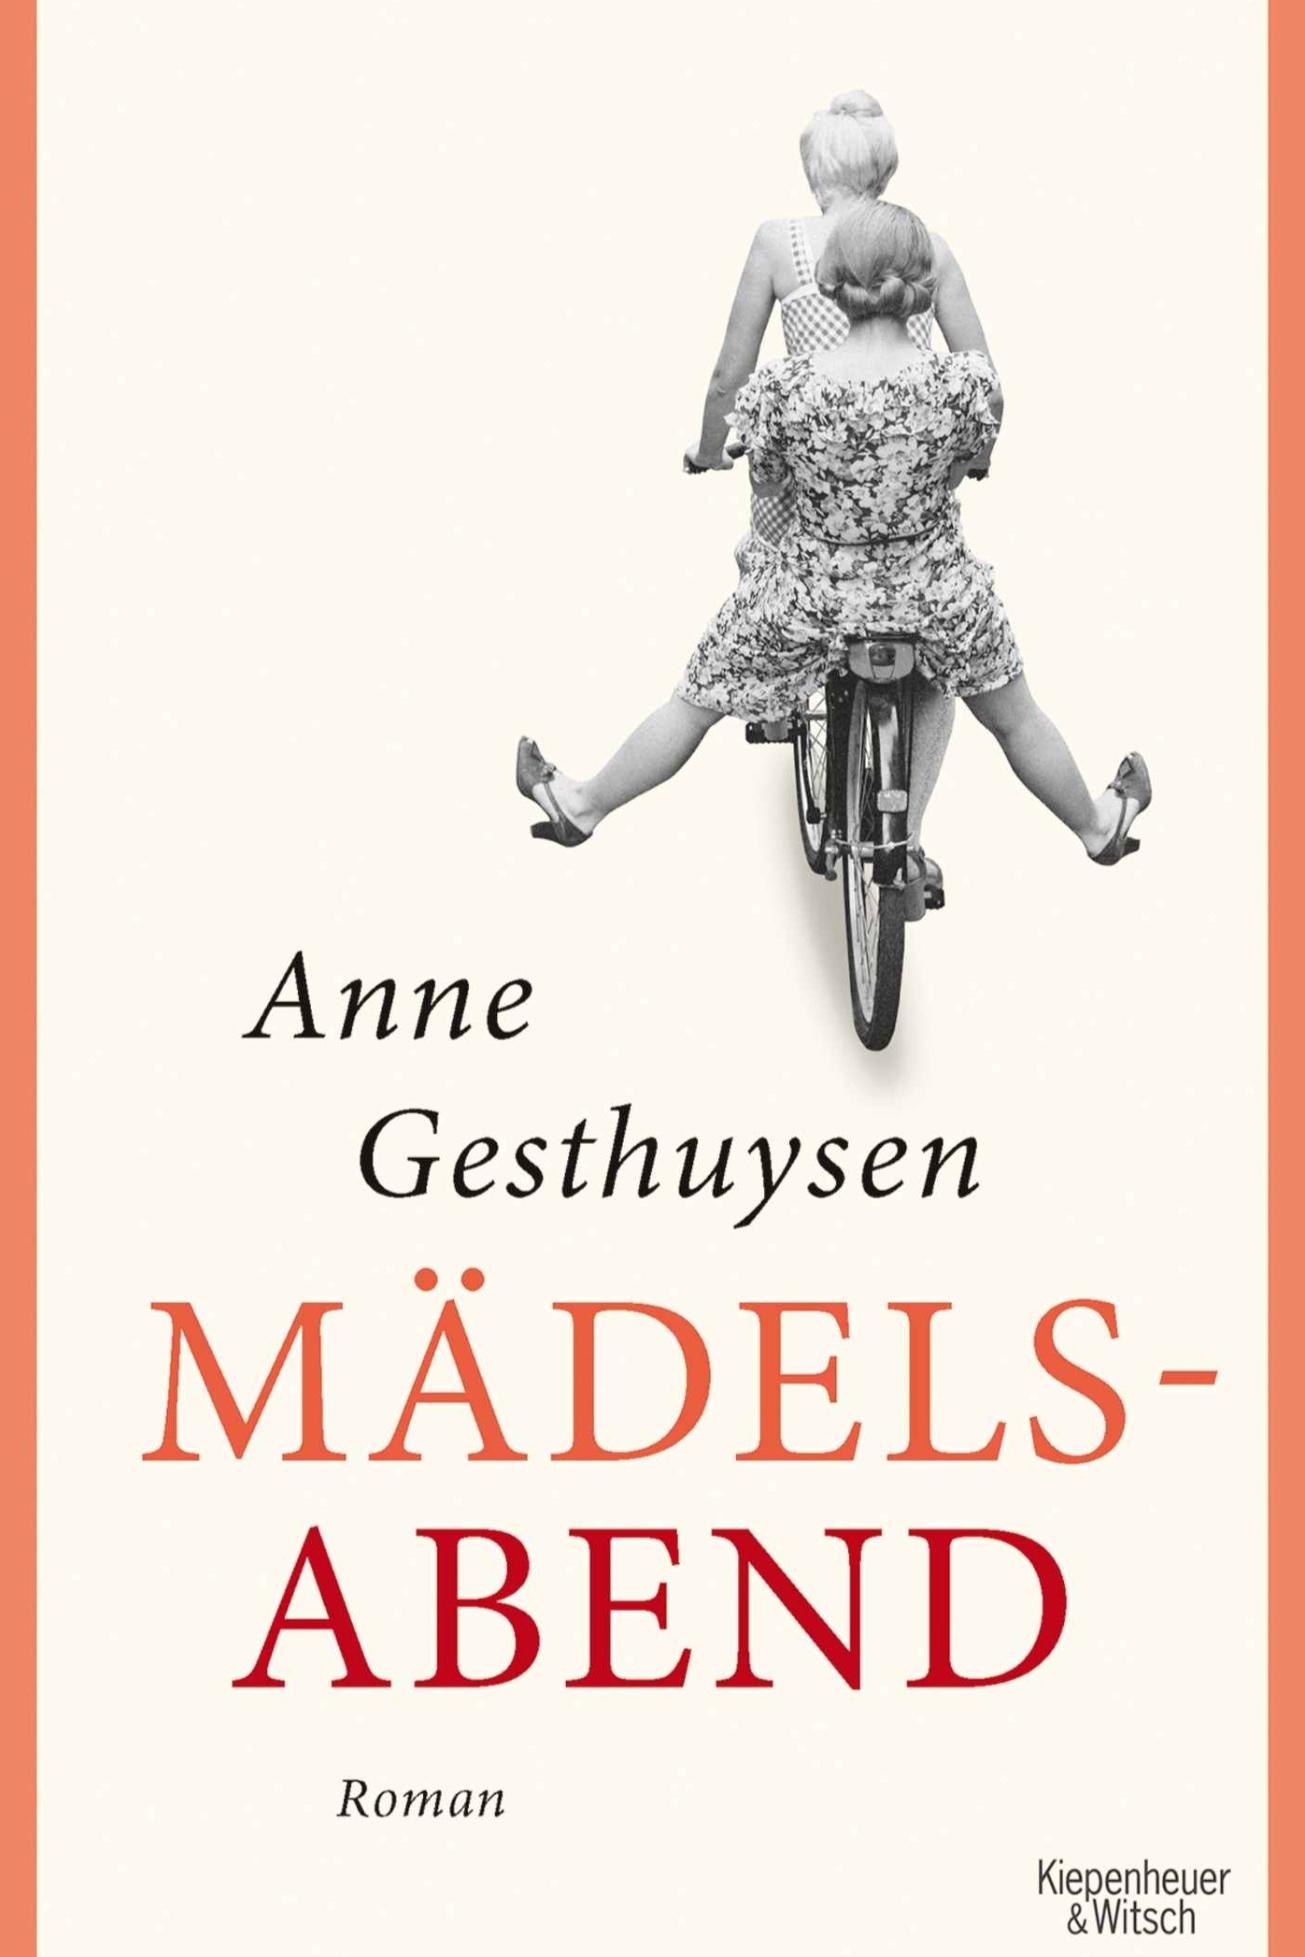 »Mädelsabend« auf Platz 8 - Anne Gesthuysens dritter Roman »Mädelsabend« erreicht in der 7. Woche nach Erscheinen Platz 8 der SPIEGEL-Bestsellerliste. (26.12.2018)